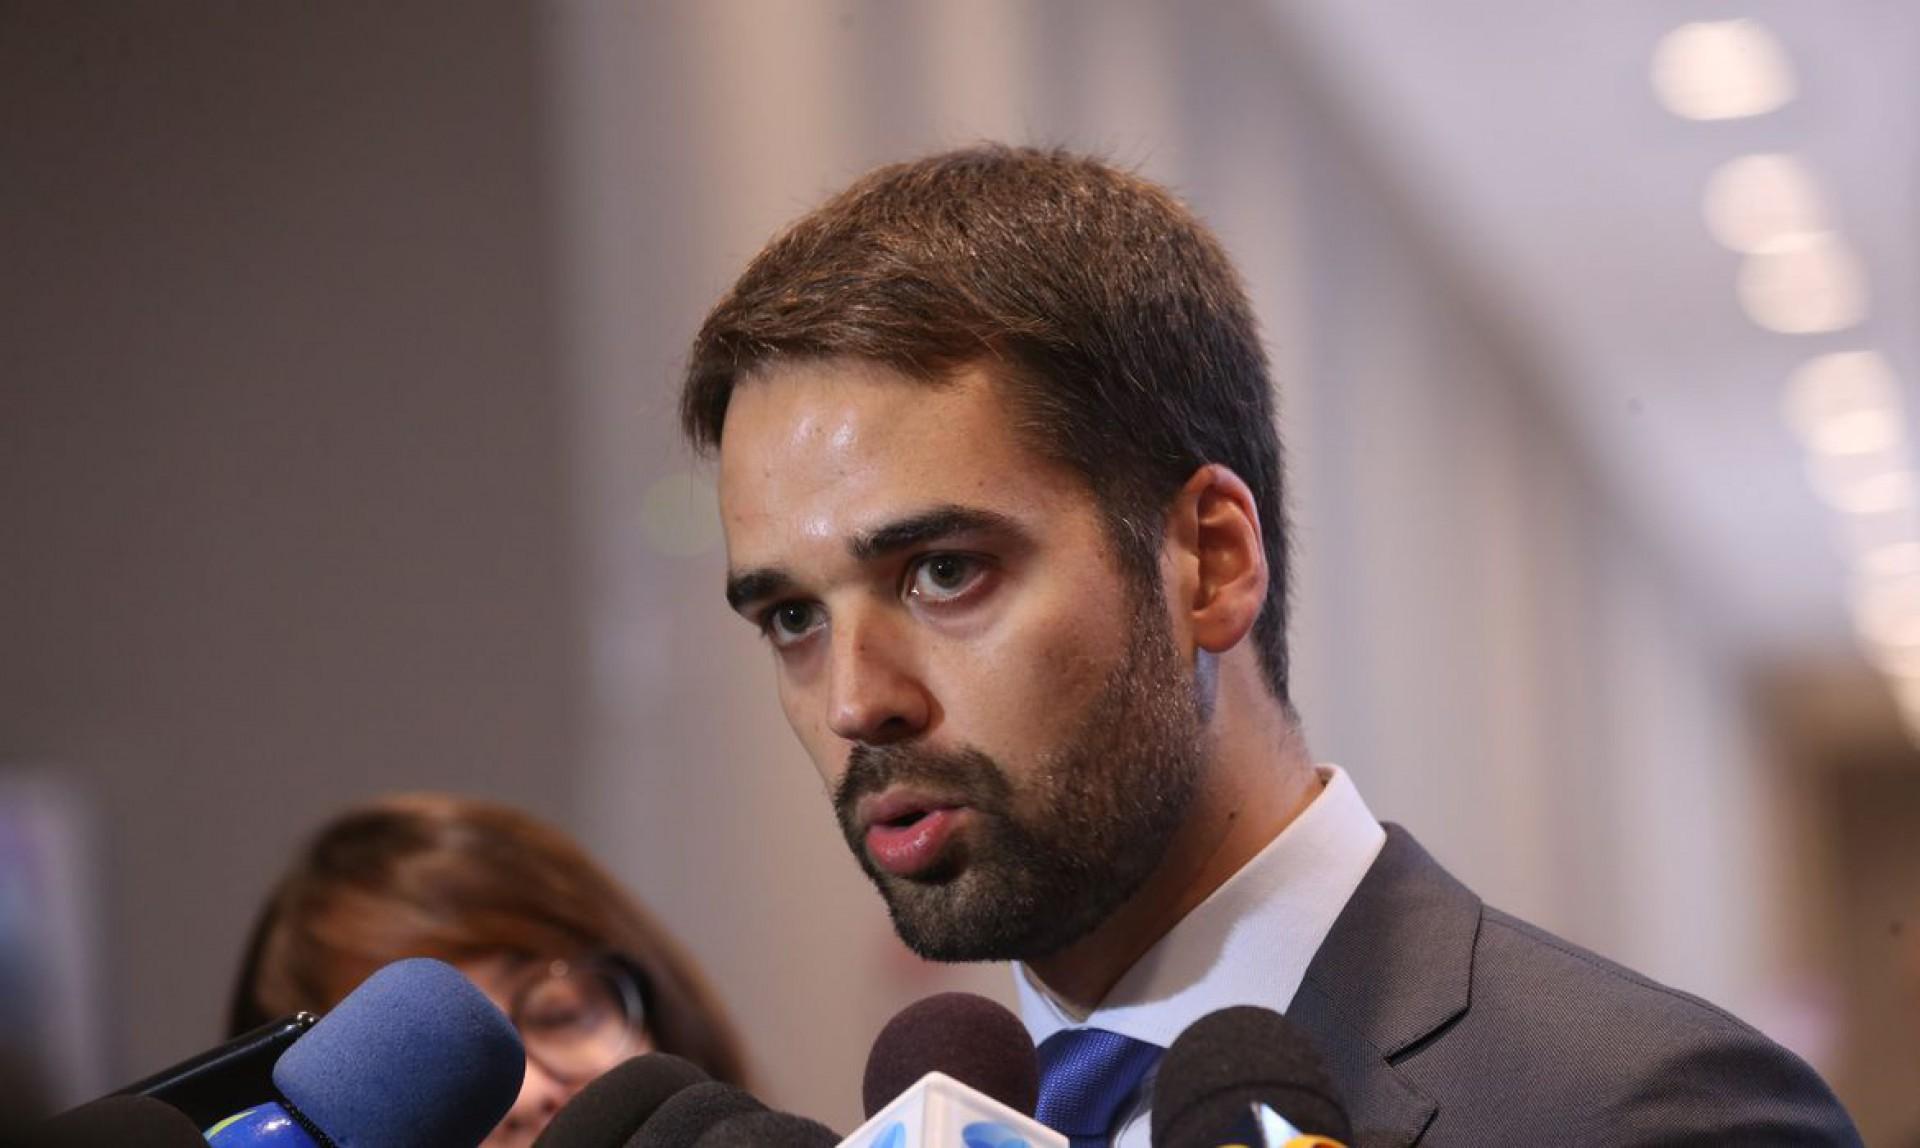 Governador do Rio Grande do Sul, Eduardo Leite (PSDB)